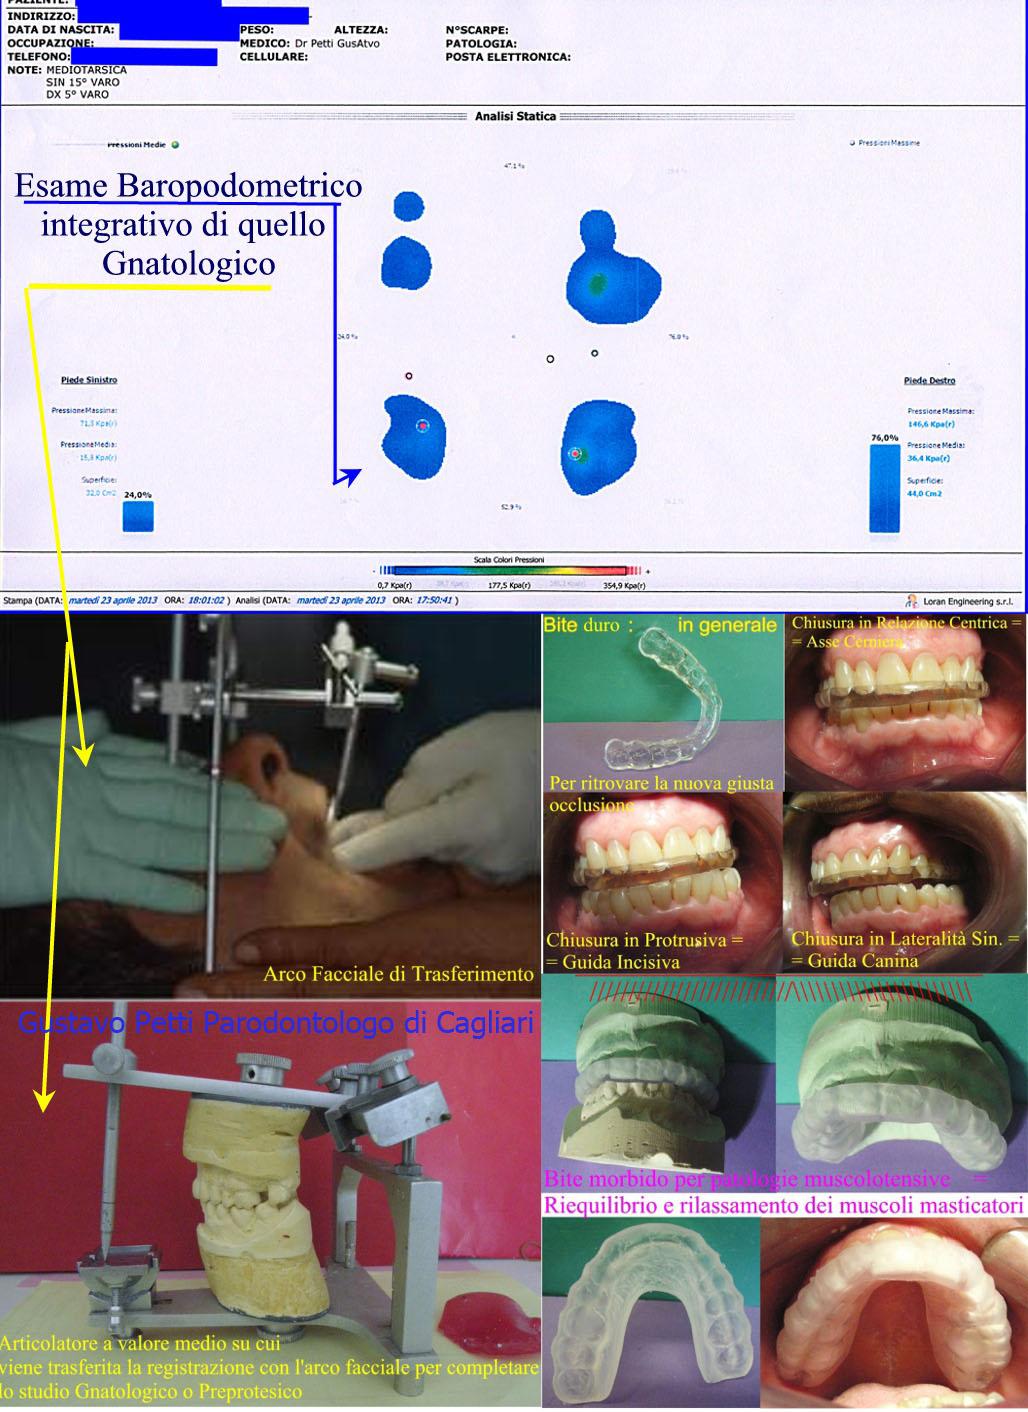 Dr. Gustavo Petti Parodontologo Gnatologo di Cagliari. Parte di Visita Gnatologica con Arco Facciale, Articolatore a Valore Meedio, Stabilometria Computerizzata e Vari Tipi di Bite.